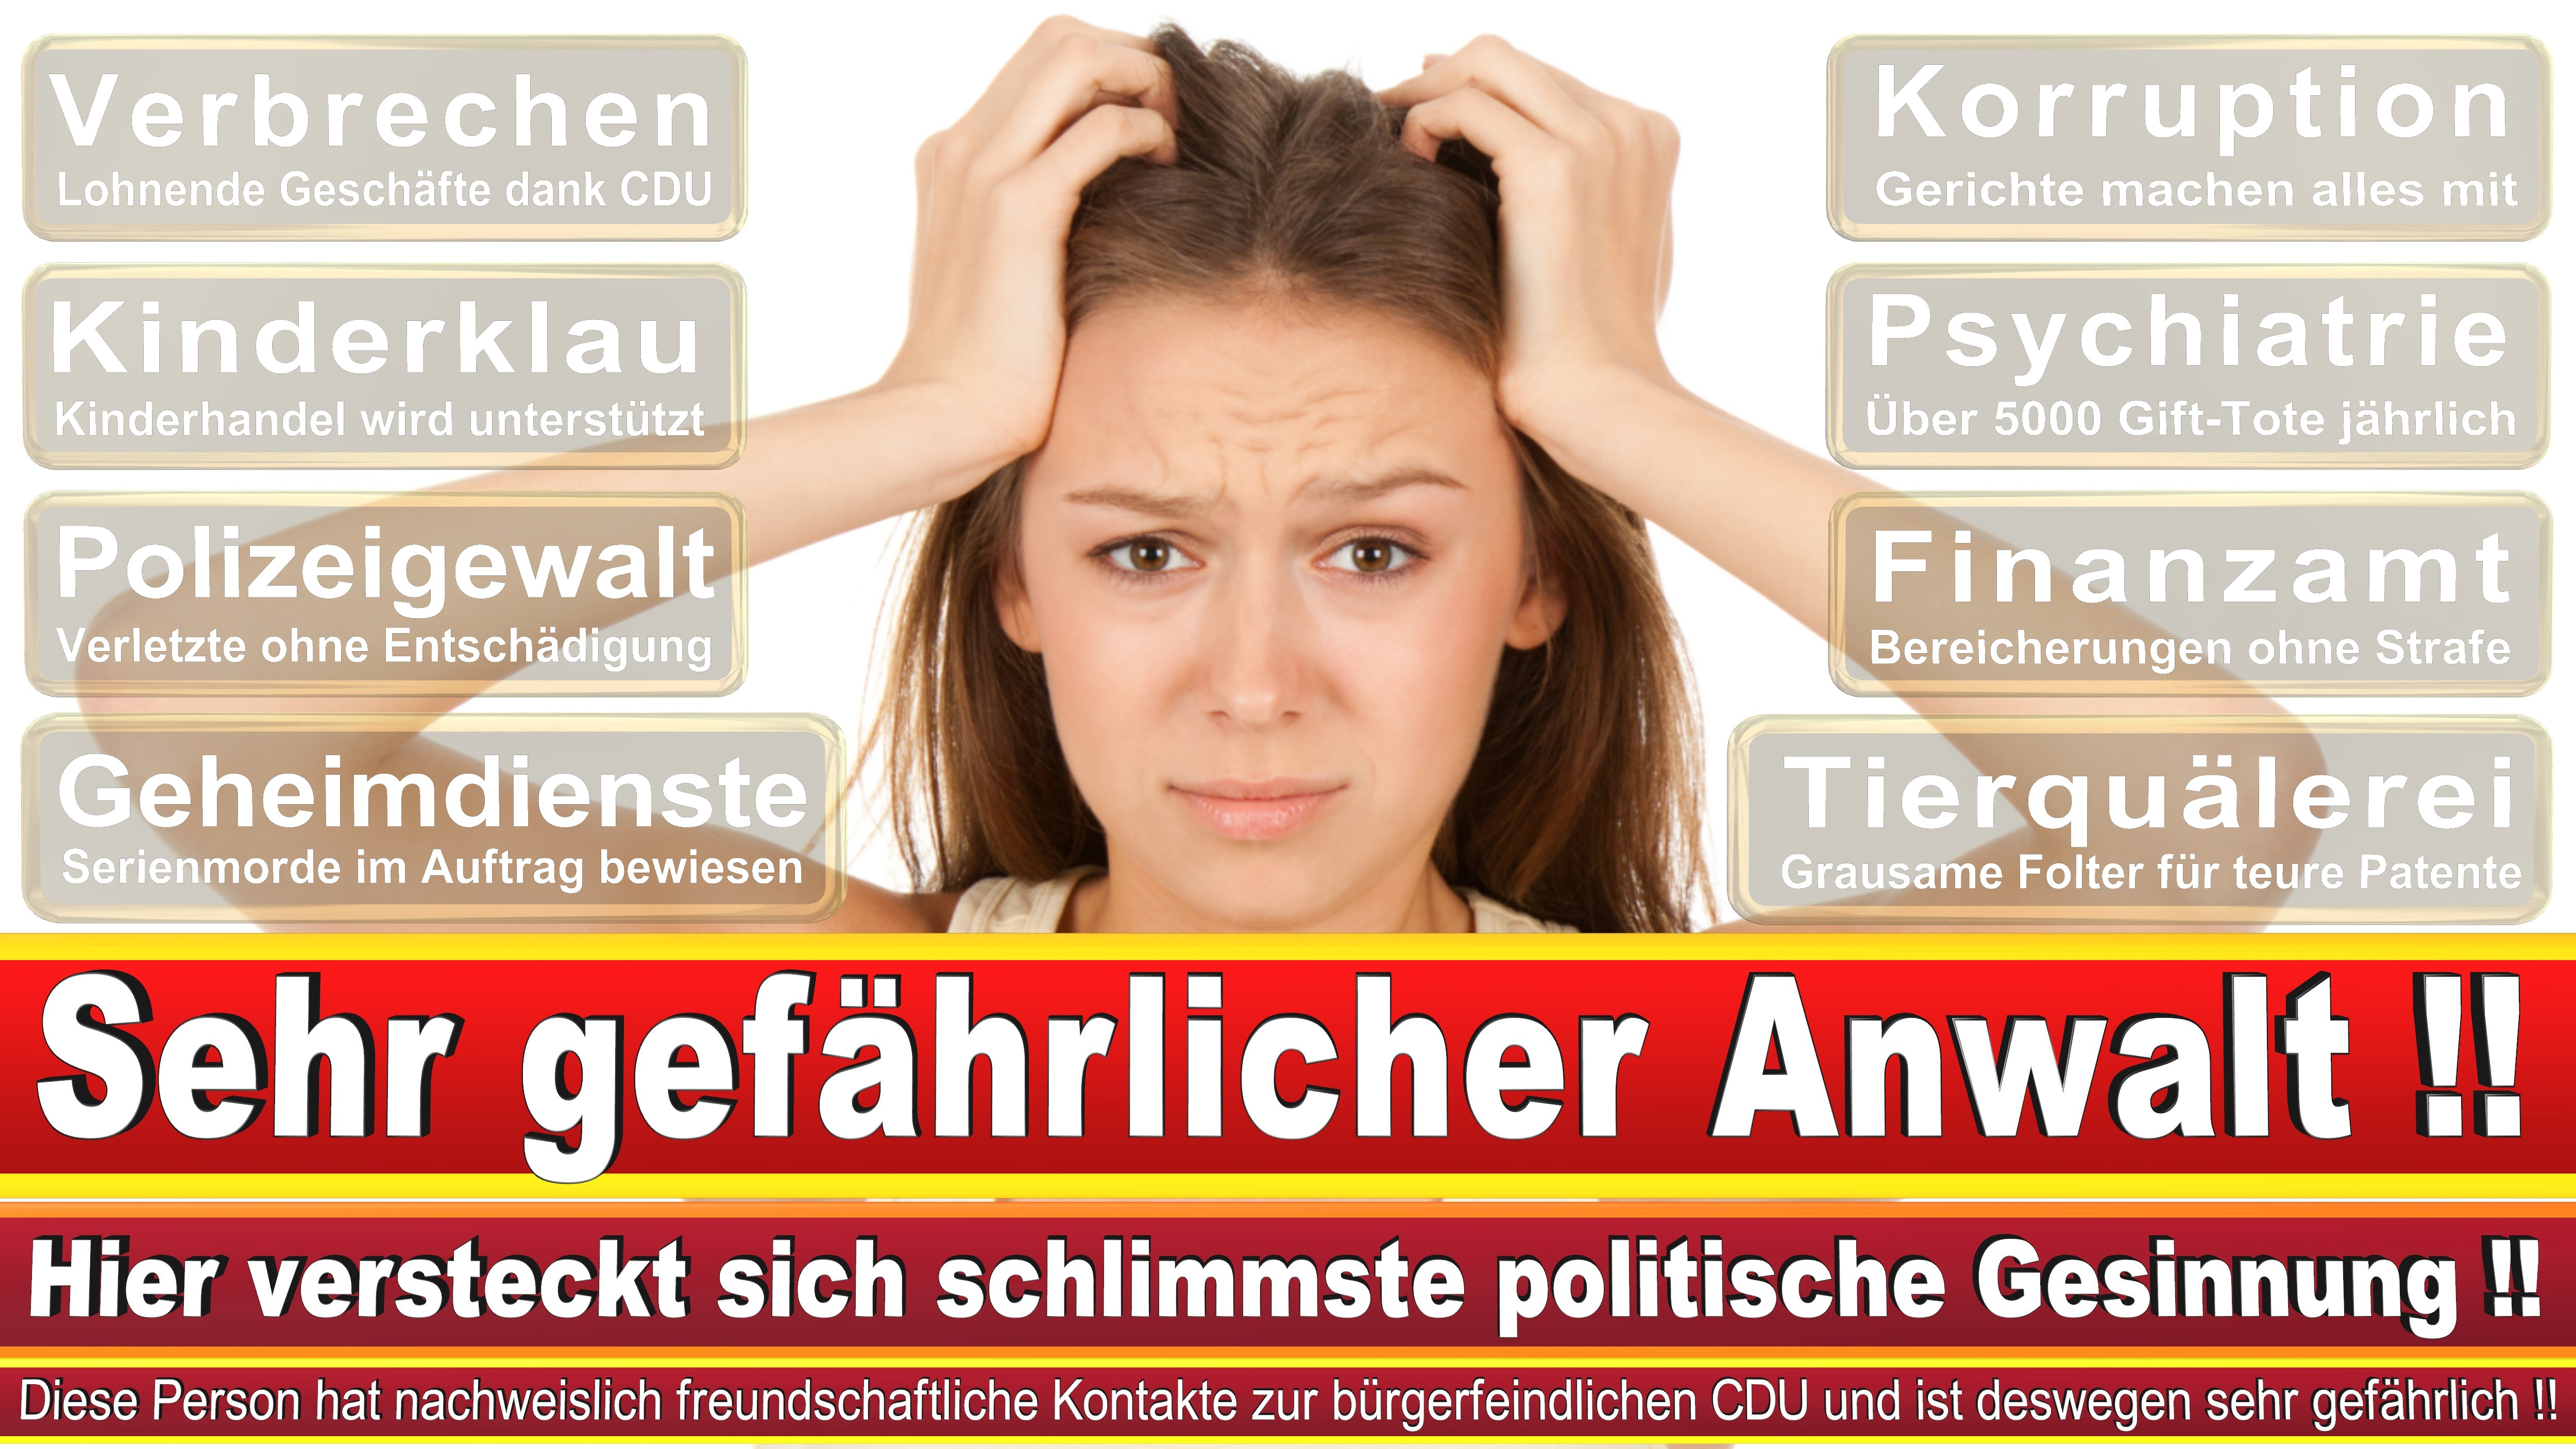 Rechtsanwalt Joachim Koechling Hamburg Kanzlei CDU Hamburg 1